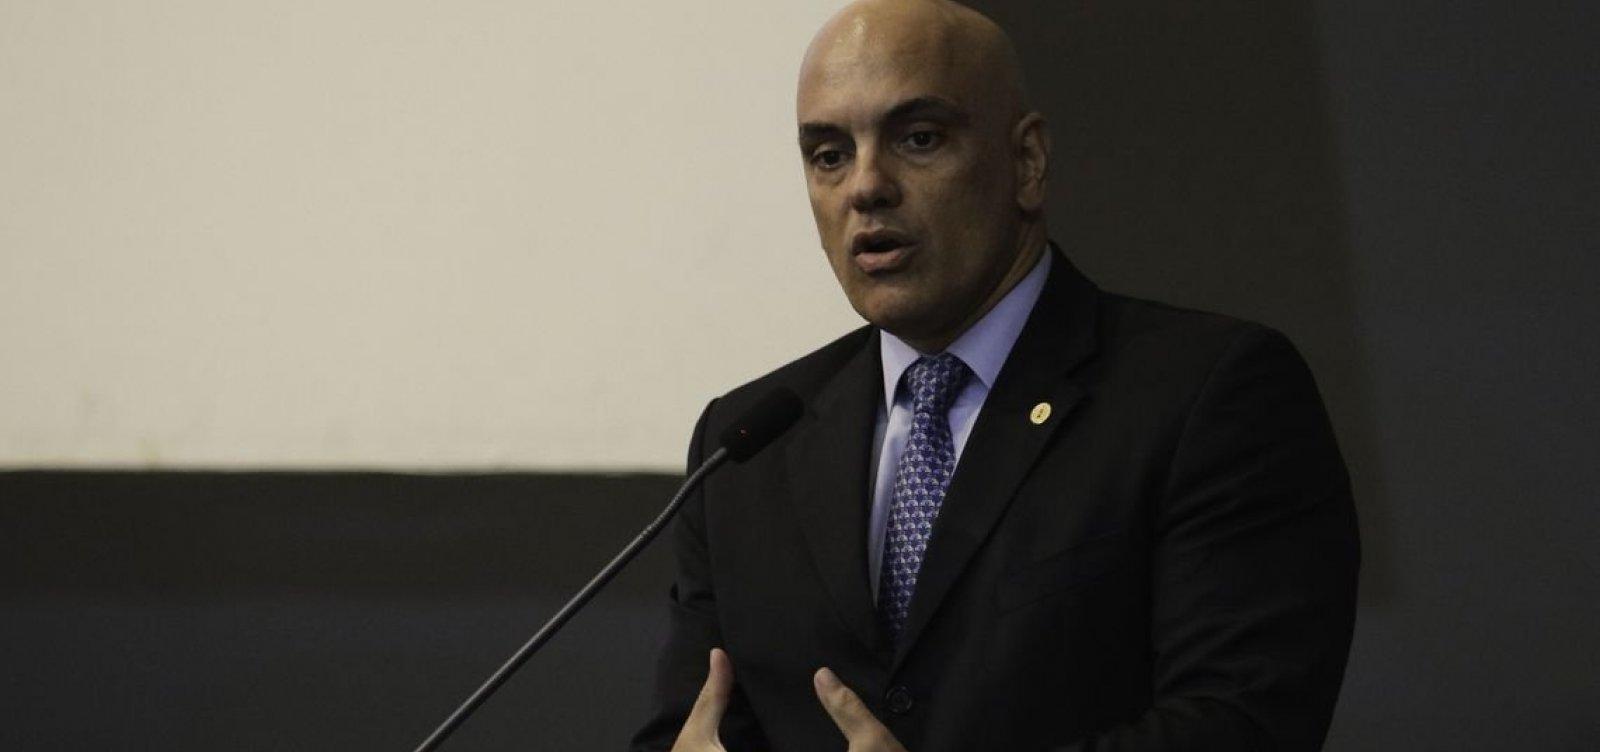 'Ameaças graves' à Corte vão continuar sendo investigadas, diz Moraes